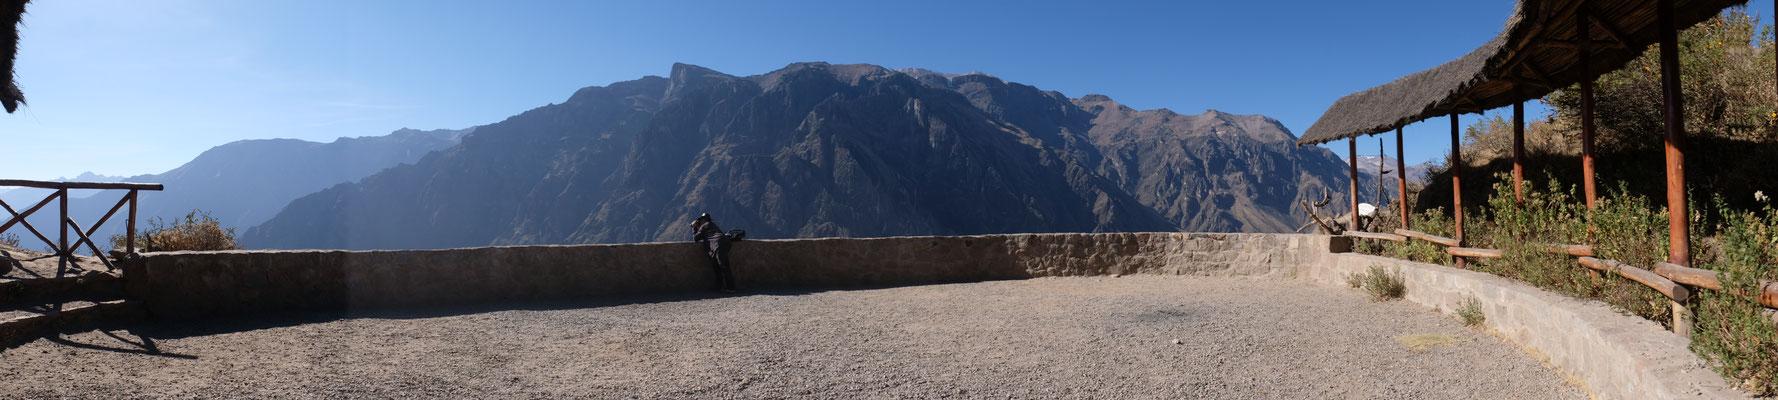 Rundblick von der Terrasse am Cruz del Condor